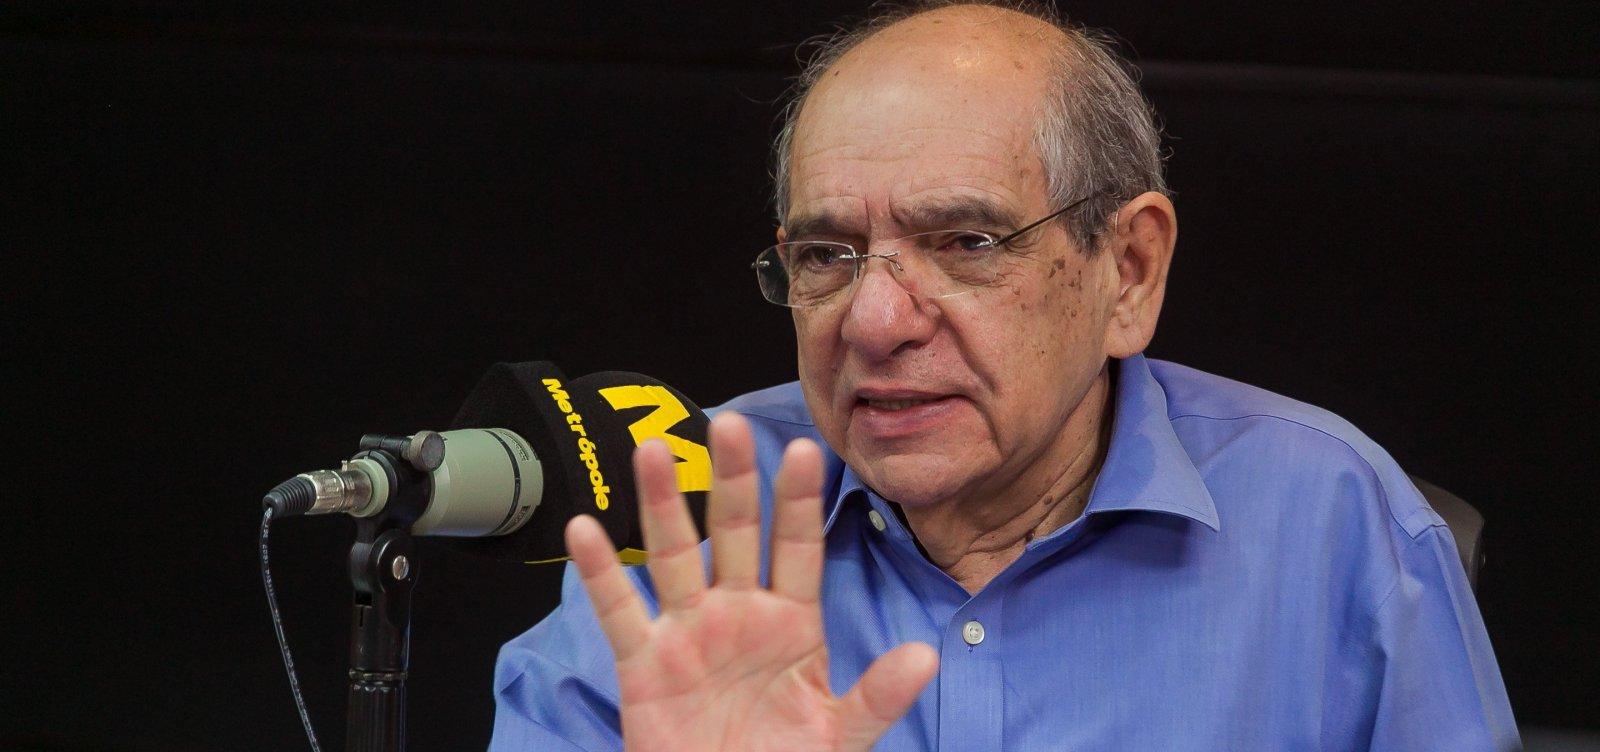 Momento é 'extremamente complicado', diz MK após matéria do JN e reação de Bolsonaro; ouça